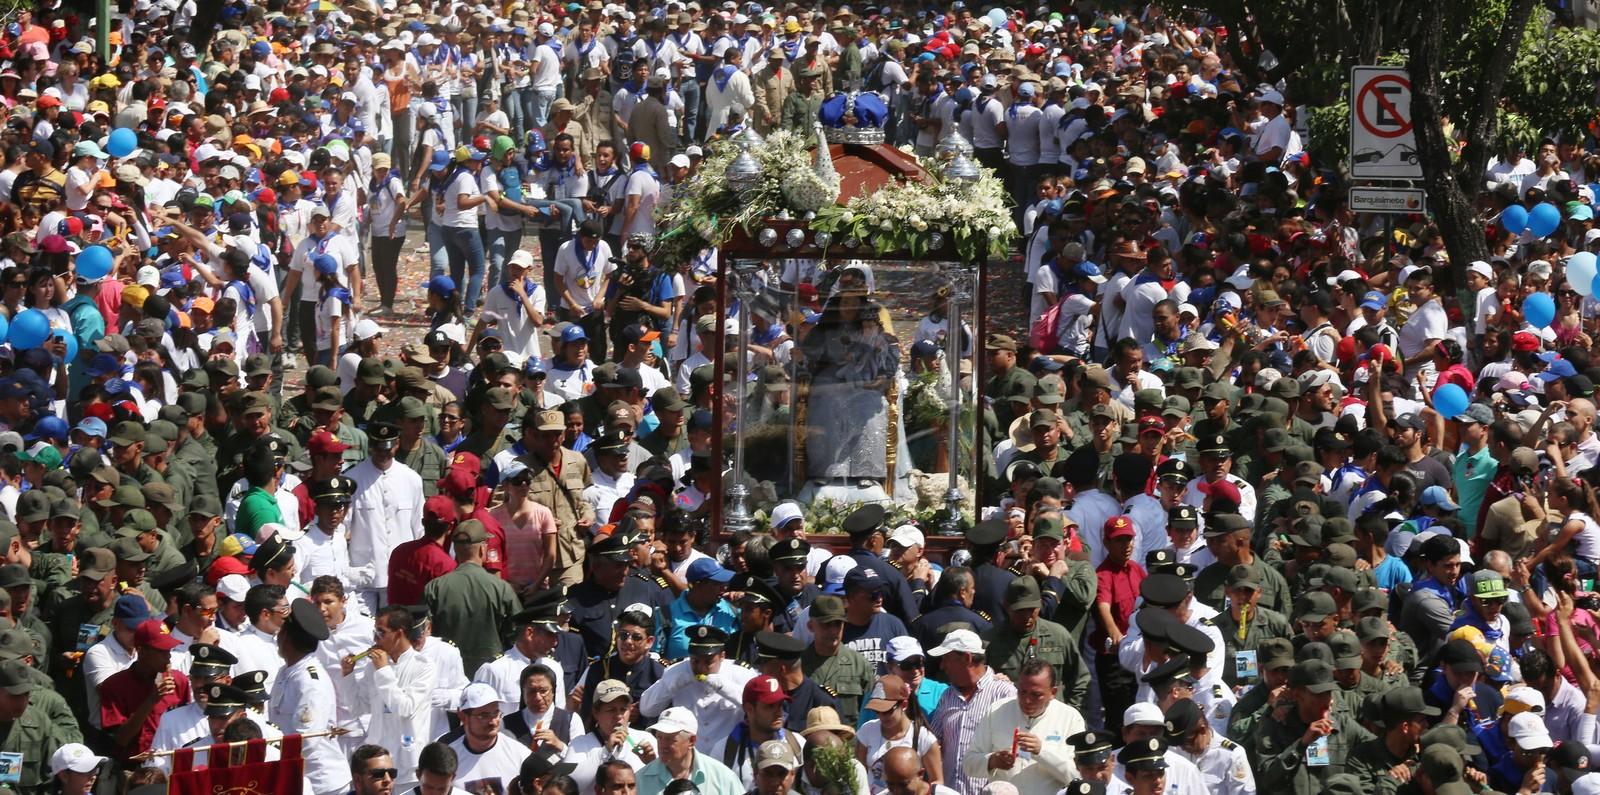 La Divina Pastora y su impresionante procesión del 14, Venezuela (14 ene)